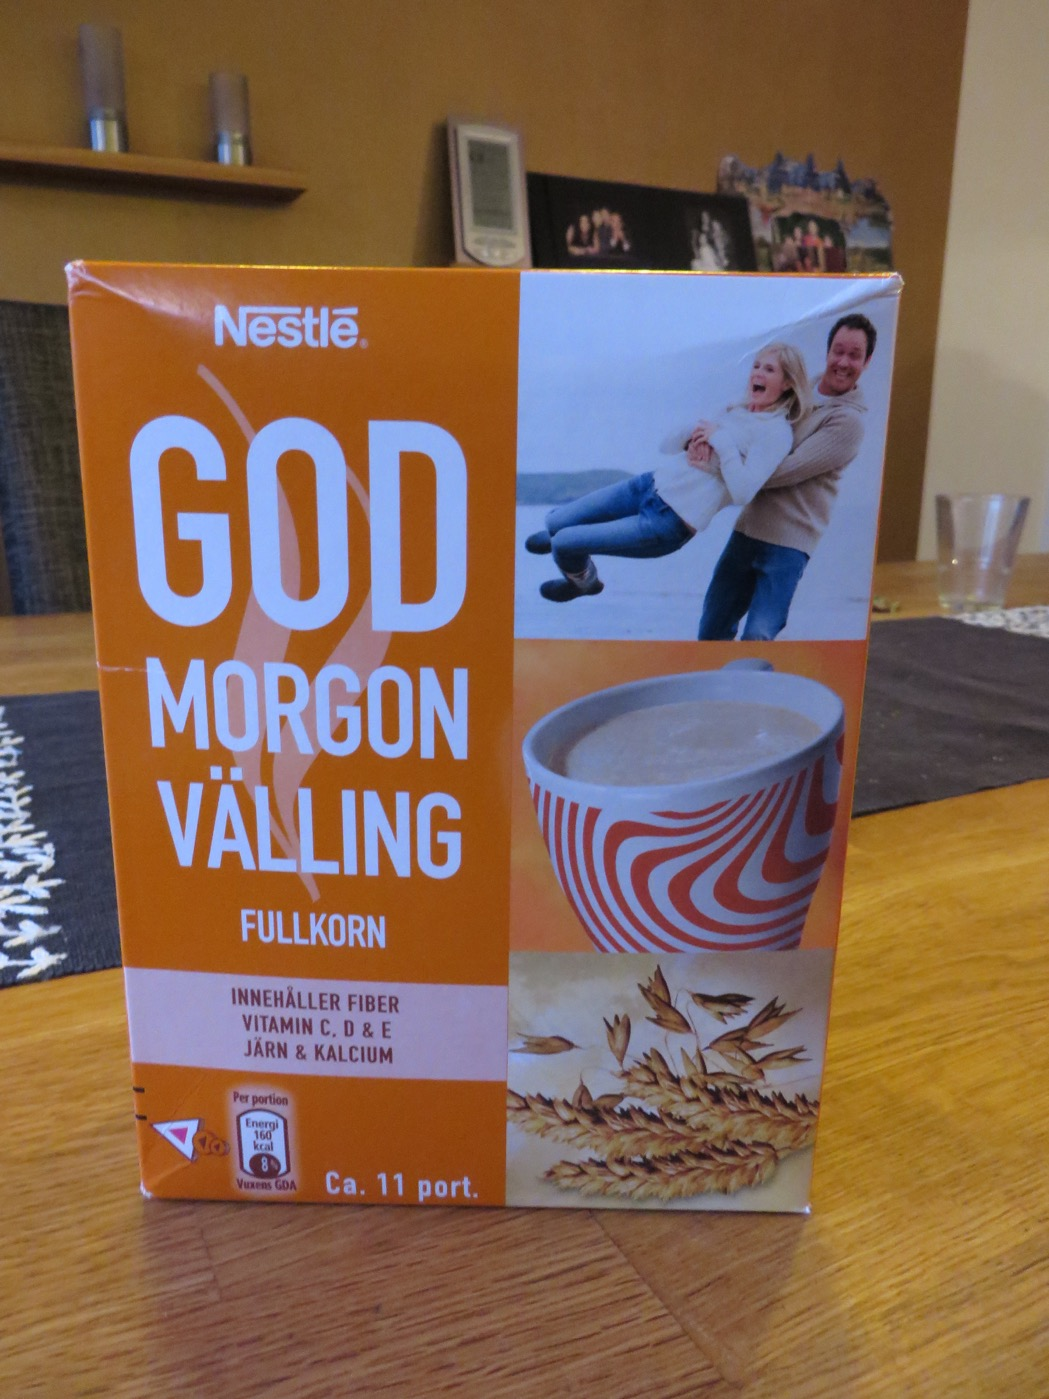 God morgon-välling från Nestlé